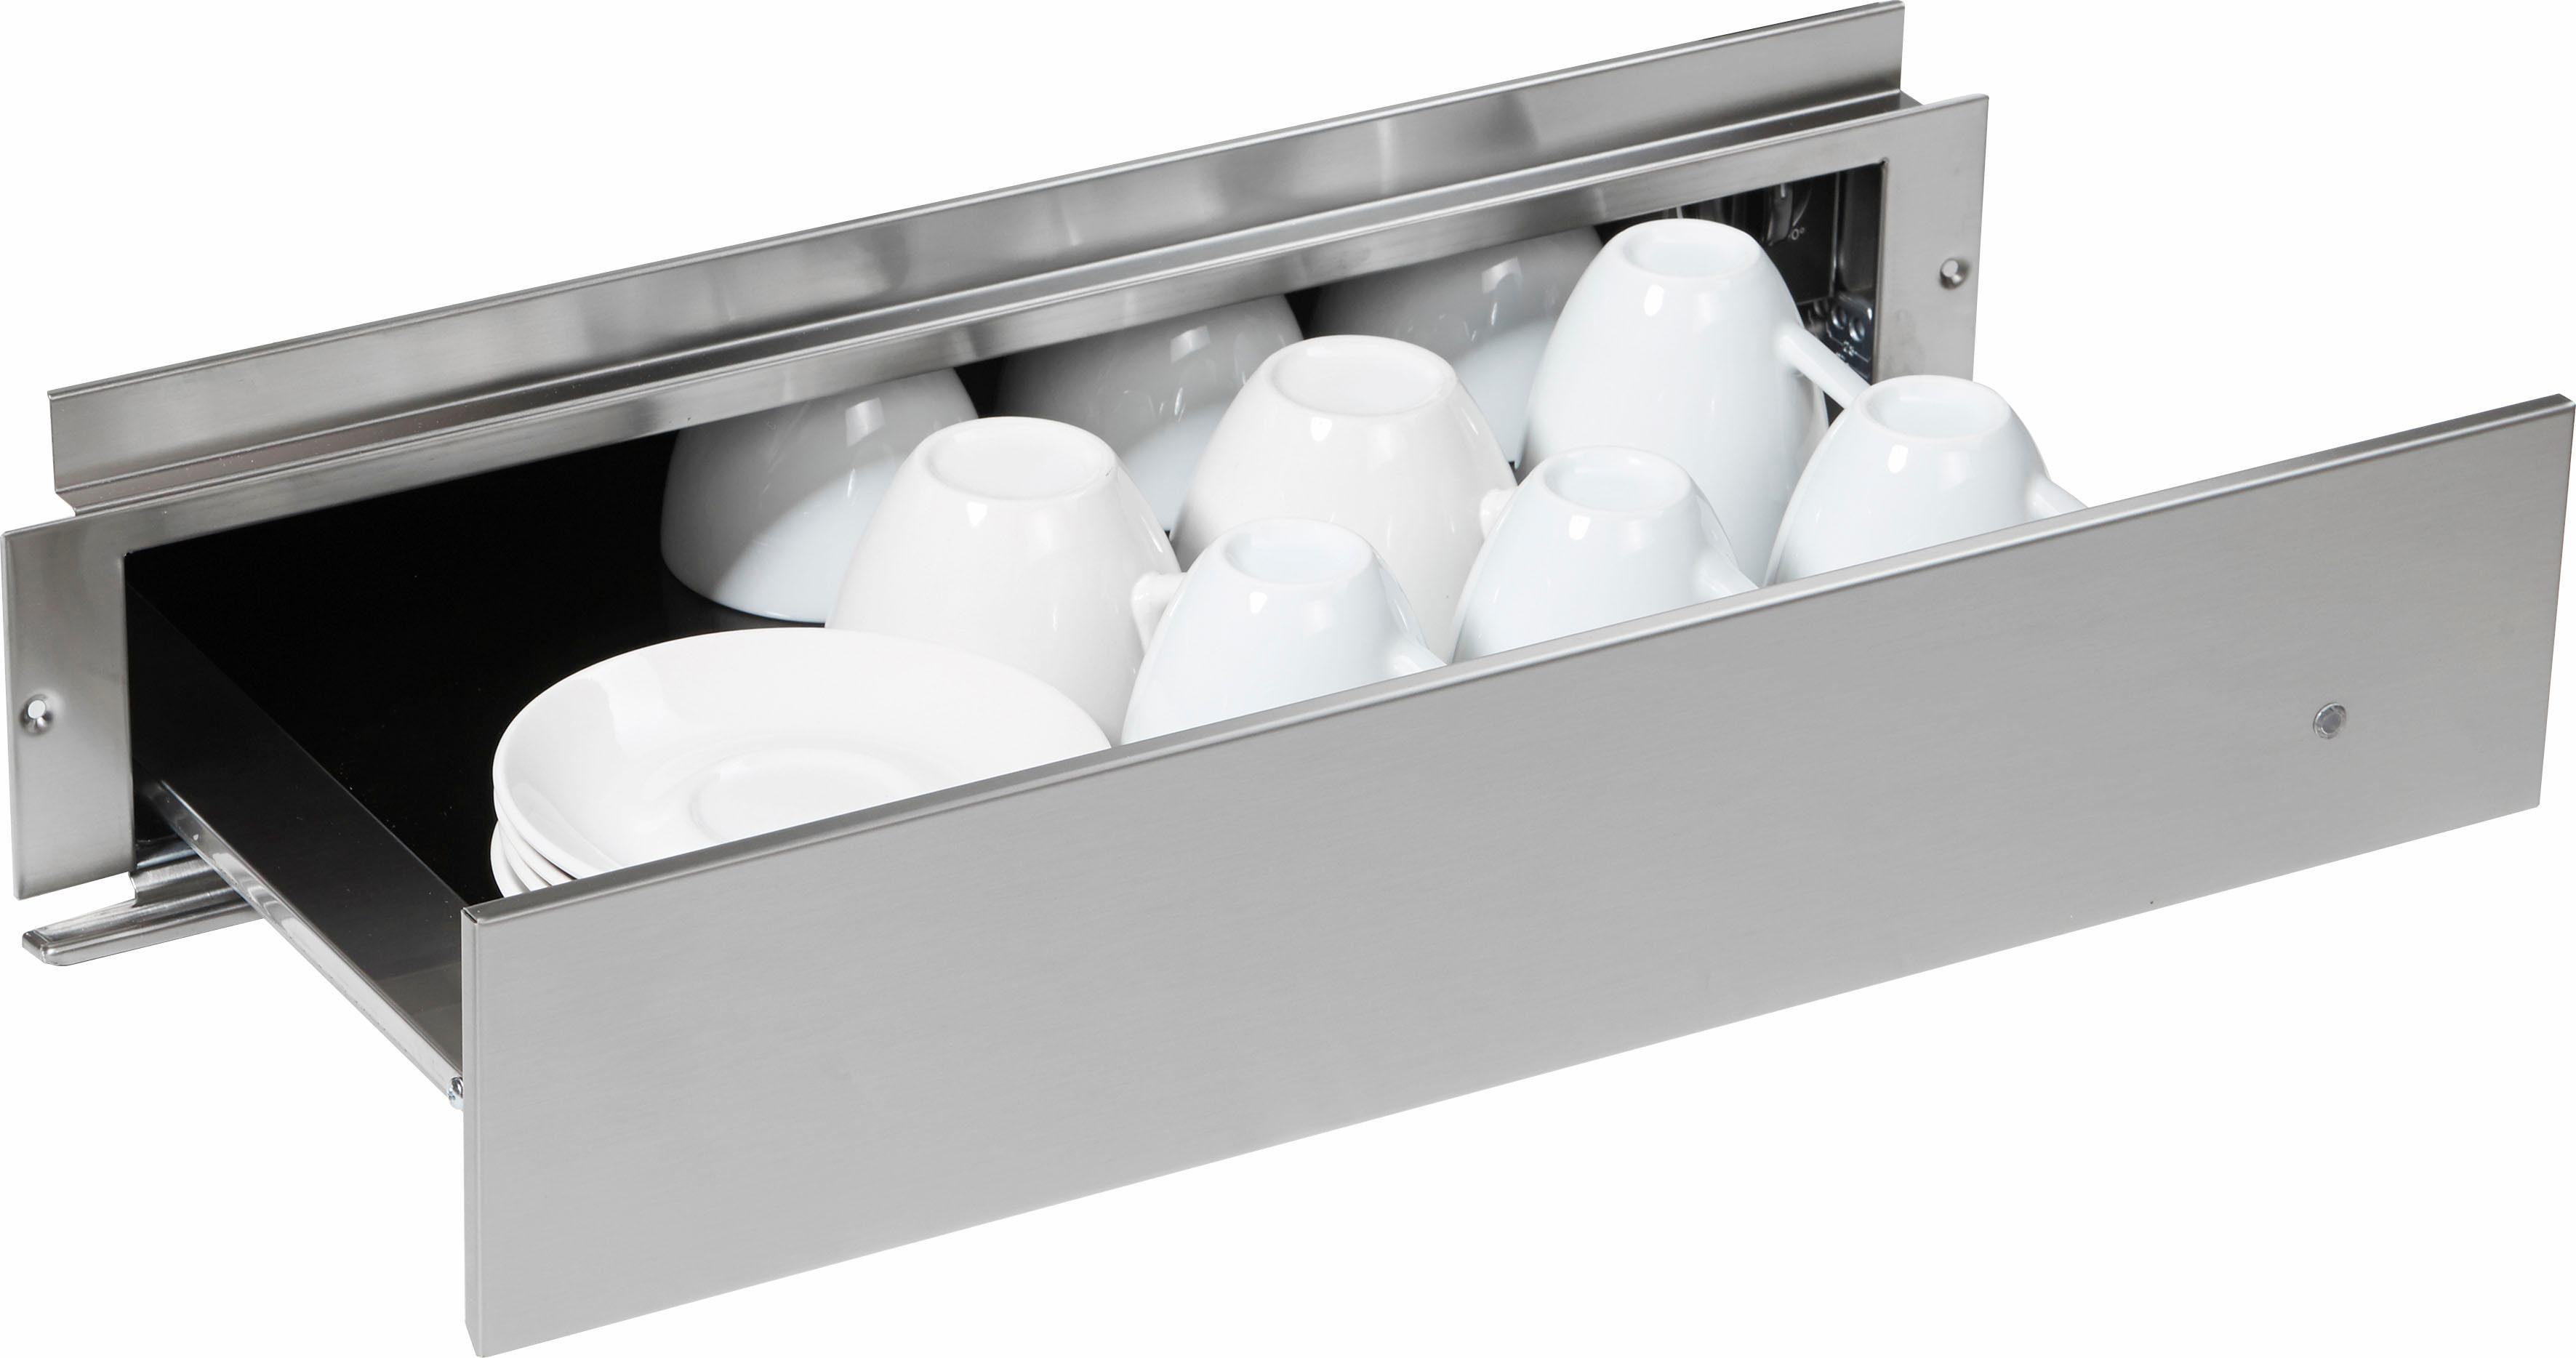 KitchenAid® Wärmeschublade, für 14er Nische